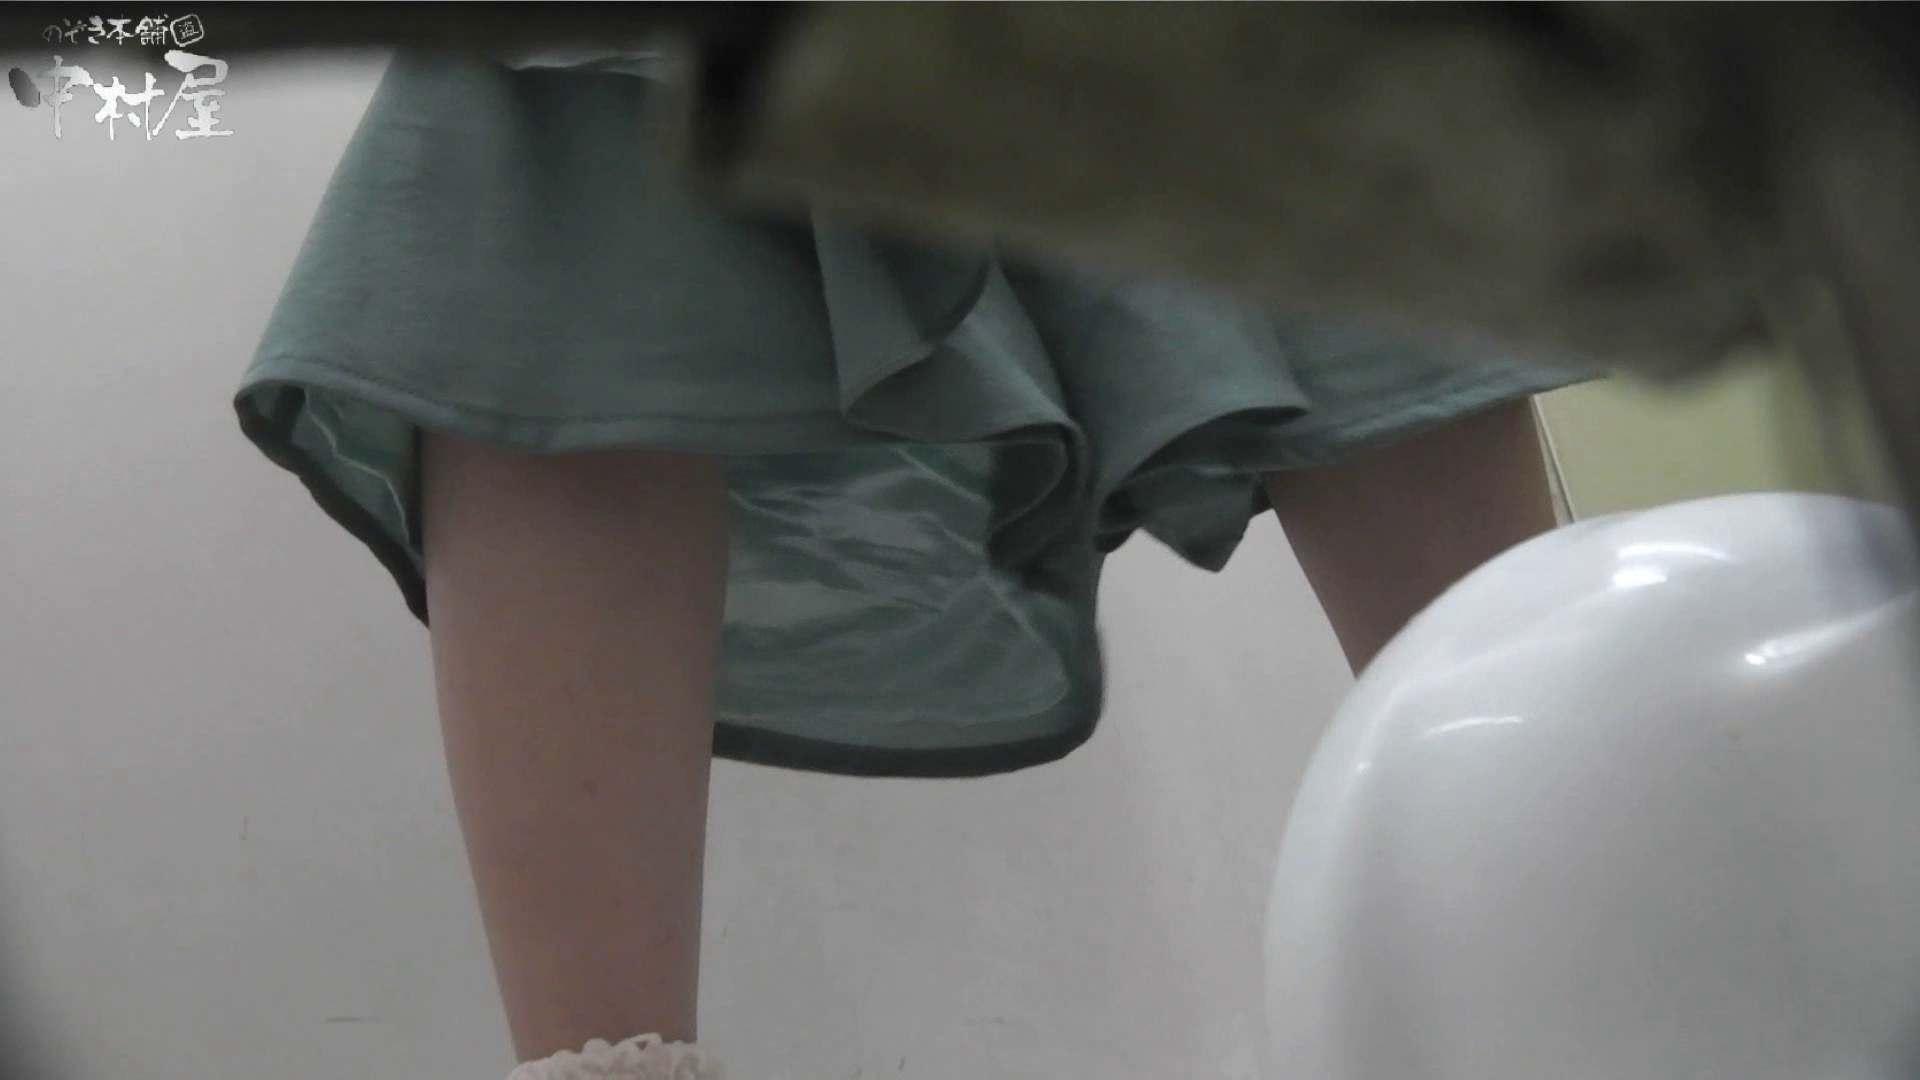 vol.37 命がけ潜伏洗面所! 剛毛モリモリ 後編 潜入突撃 盗撮動画紹介 98pic 55